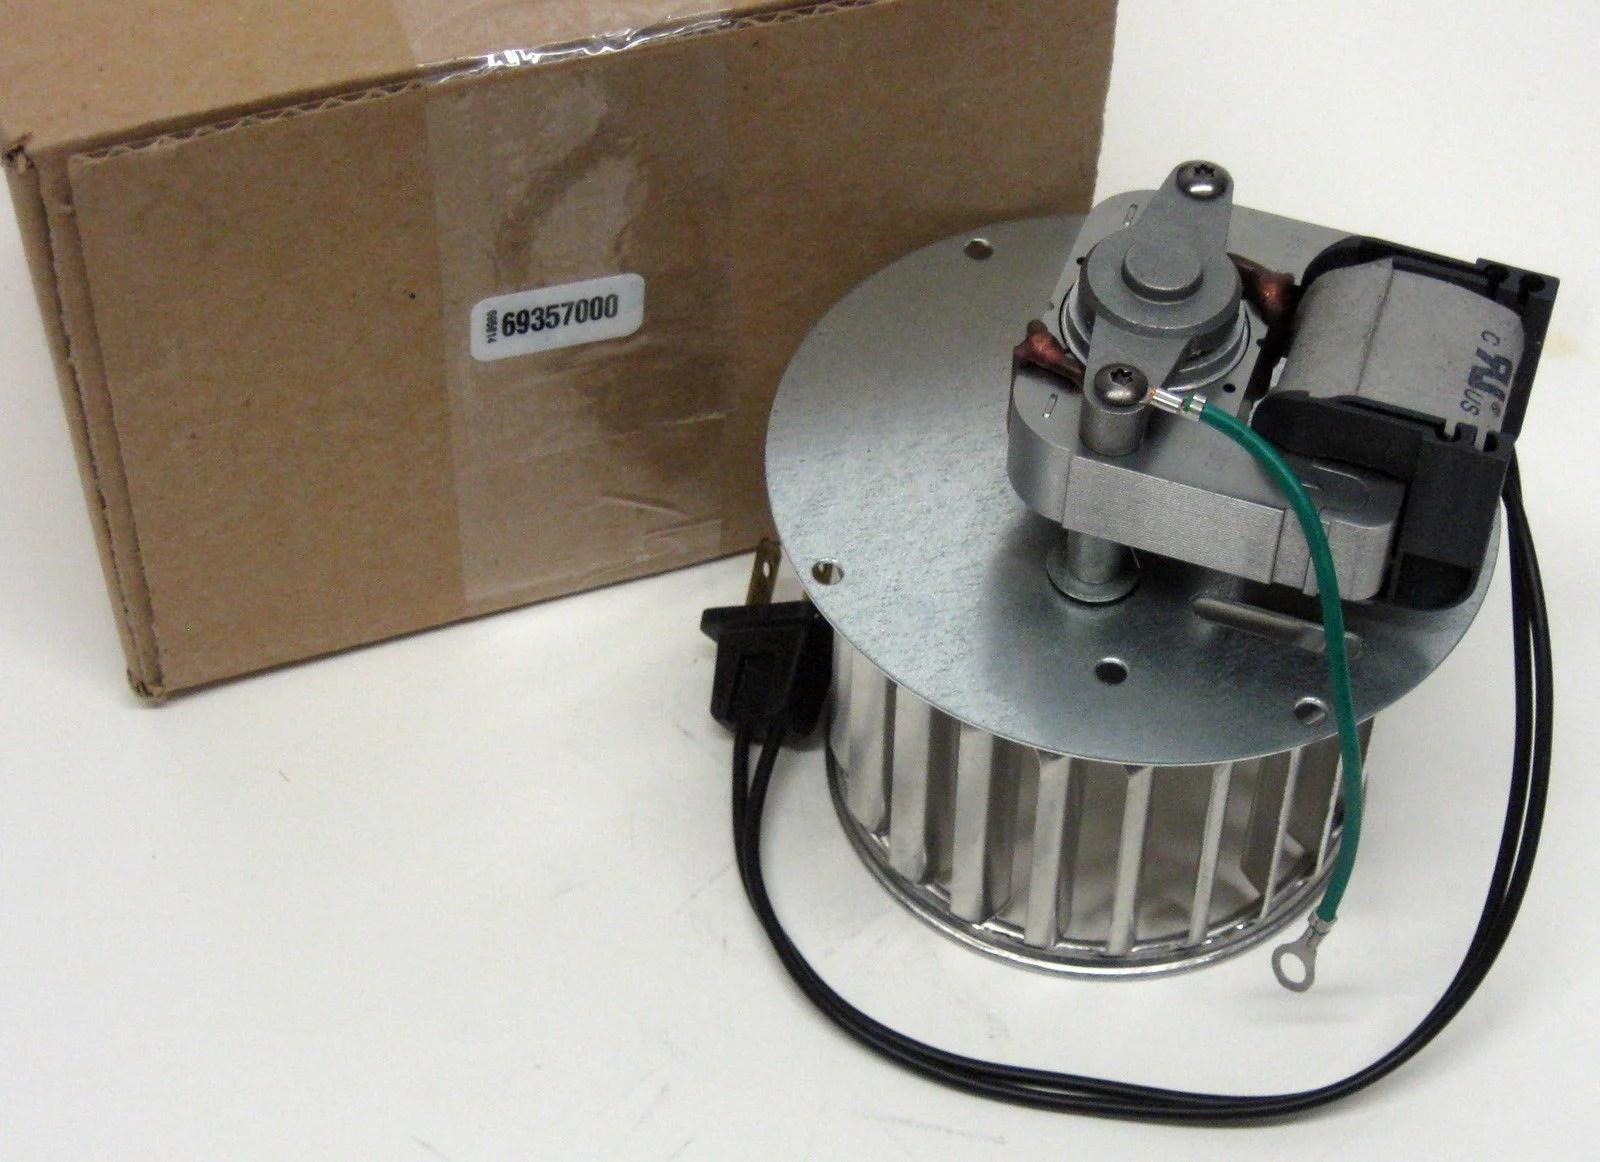 69357000 broan nutone bathroom exhaust blower motor vent fan wheel for 9605 c 57768 walmart com